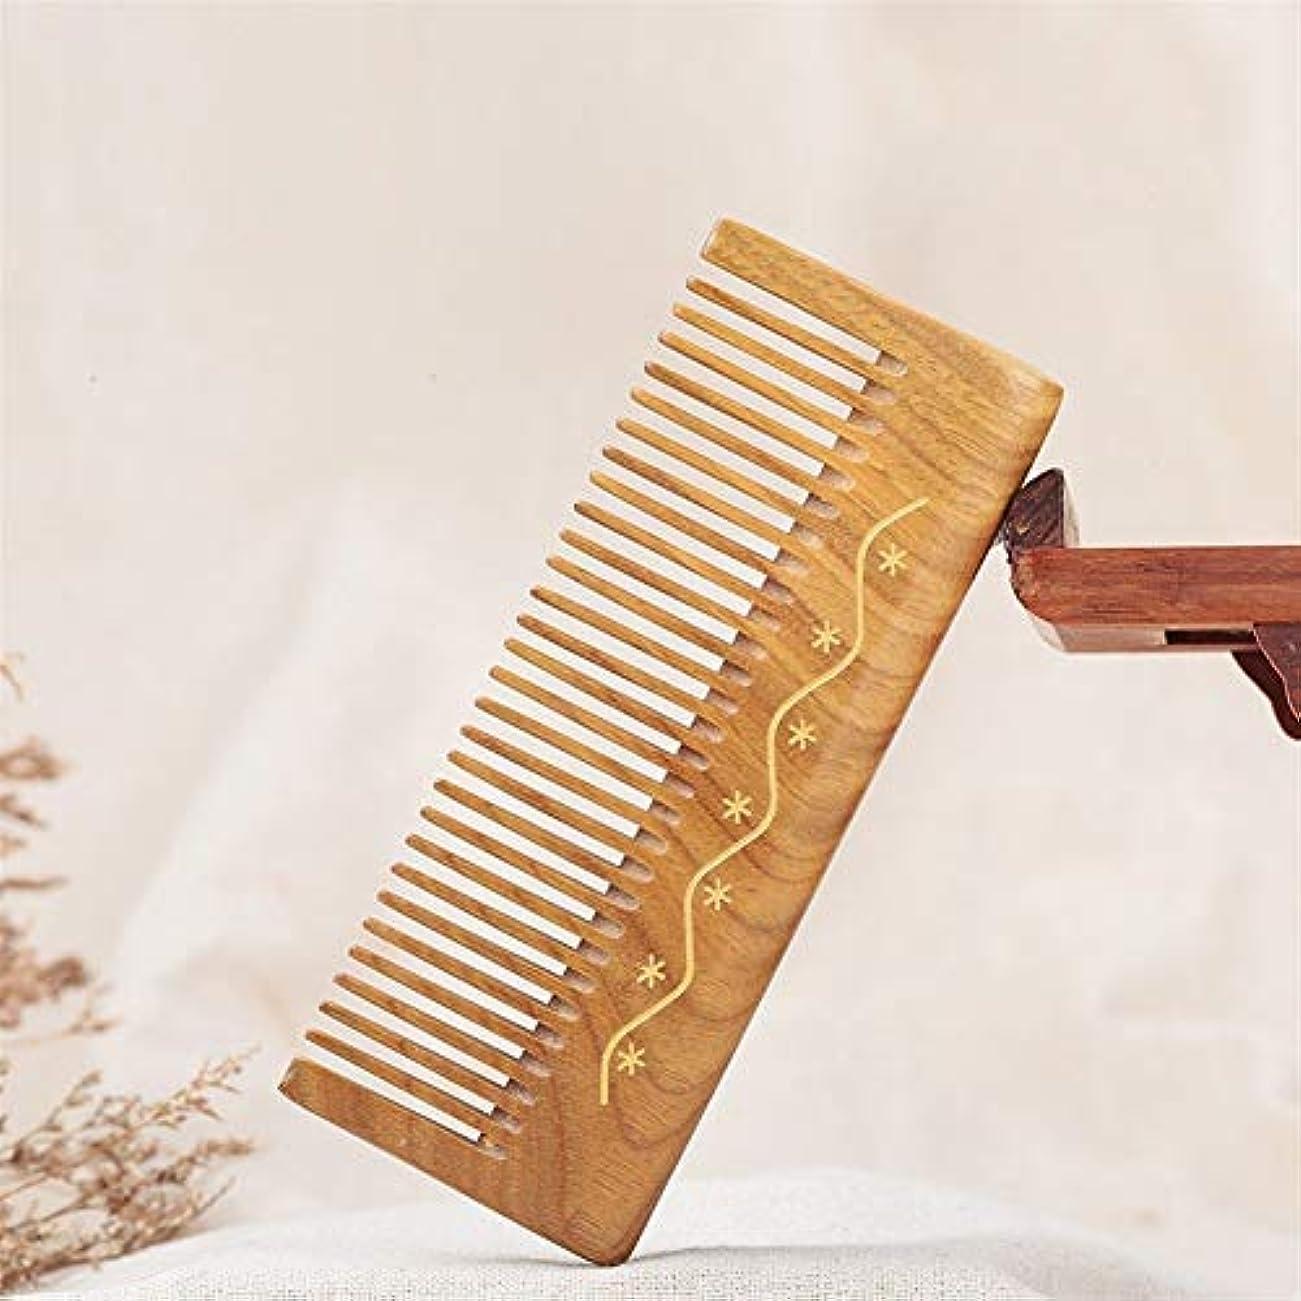 弁護人きしむ最悪Guomao グリーンサンダルウッドコームナチュラルサンダルウッド木製コーム肥厚ジェイドサンダルウッドコーム (Size : 12.5*4.6*1 cm)